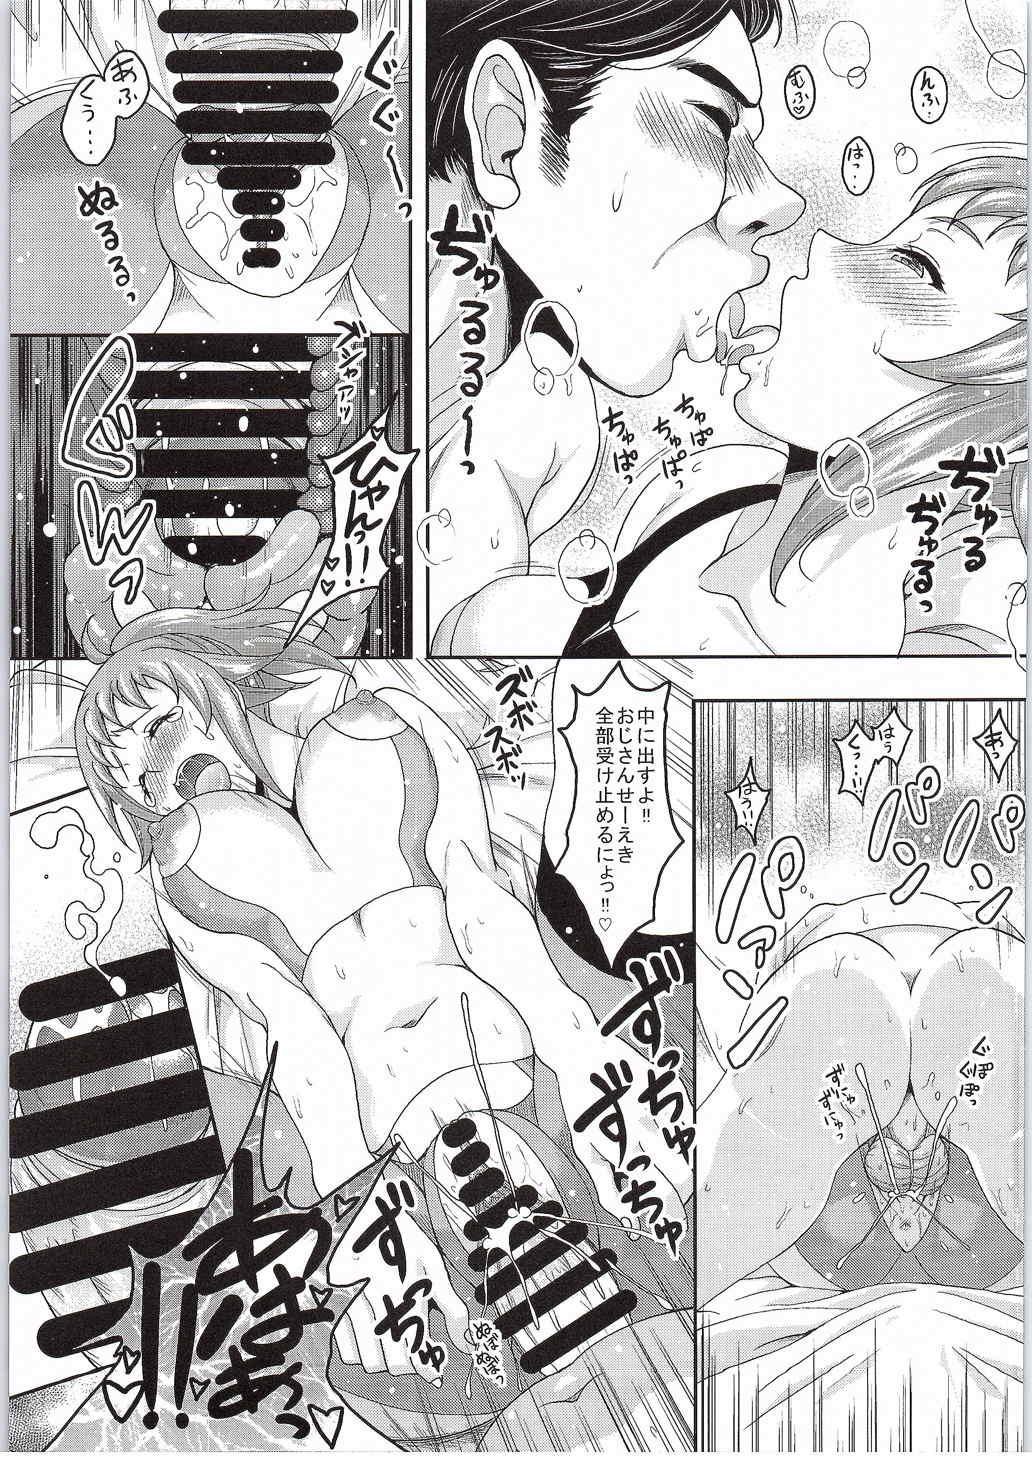 Gunpla Fighter to Deaeru SNS ga Arutte Hontou desu ka? Enkou Shoujo Fumina Hen 9